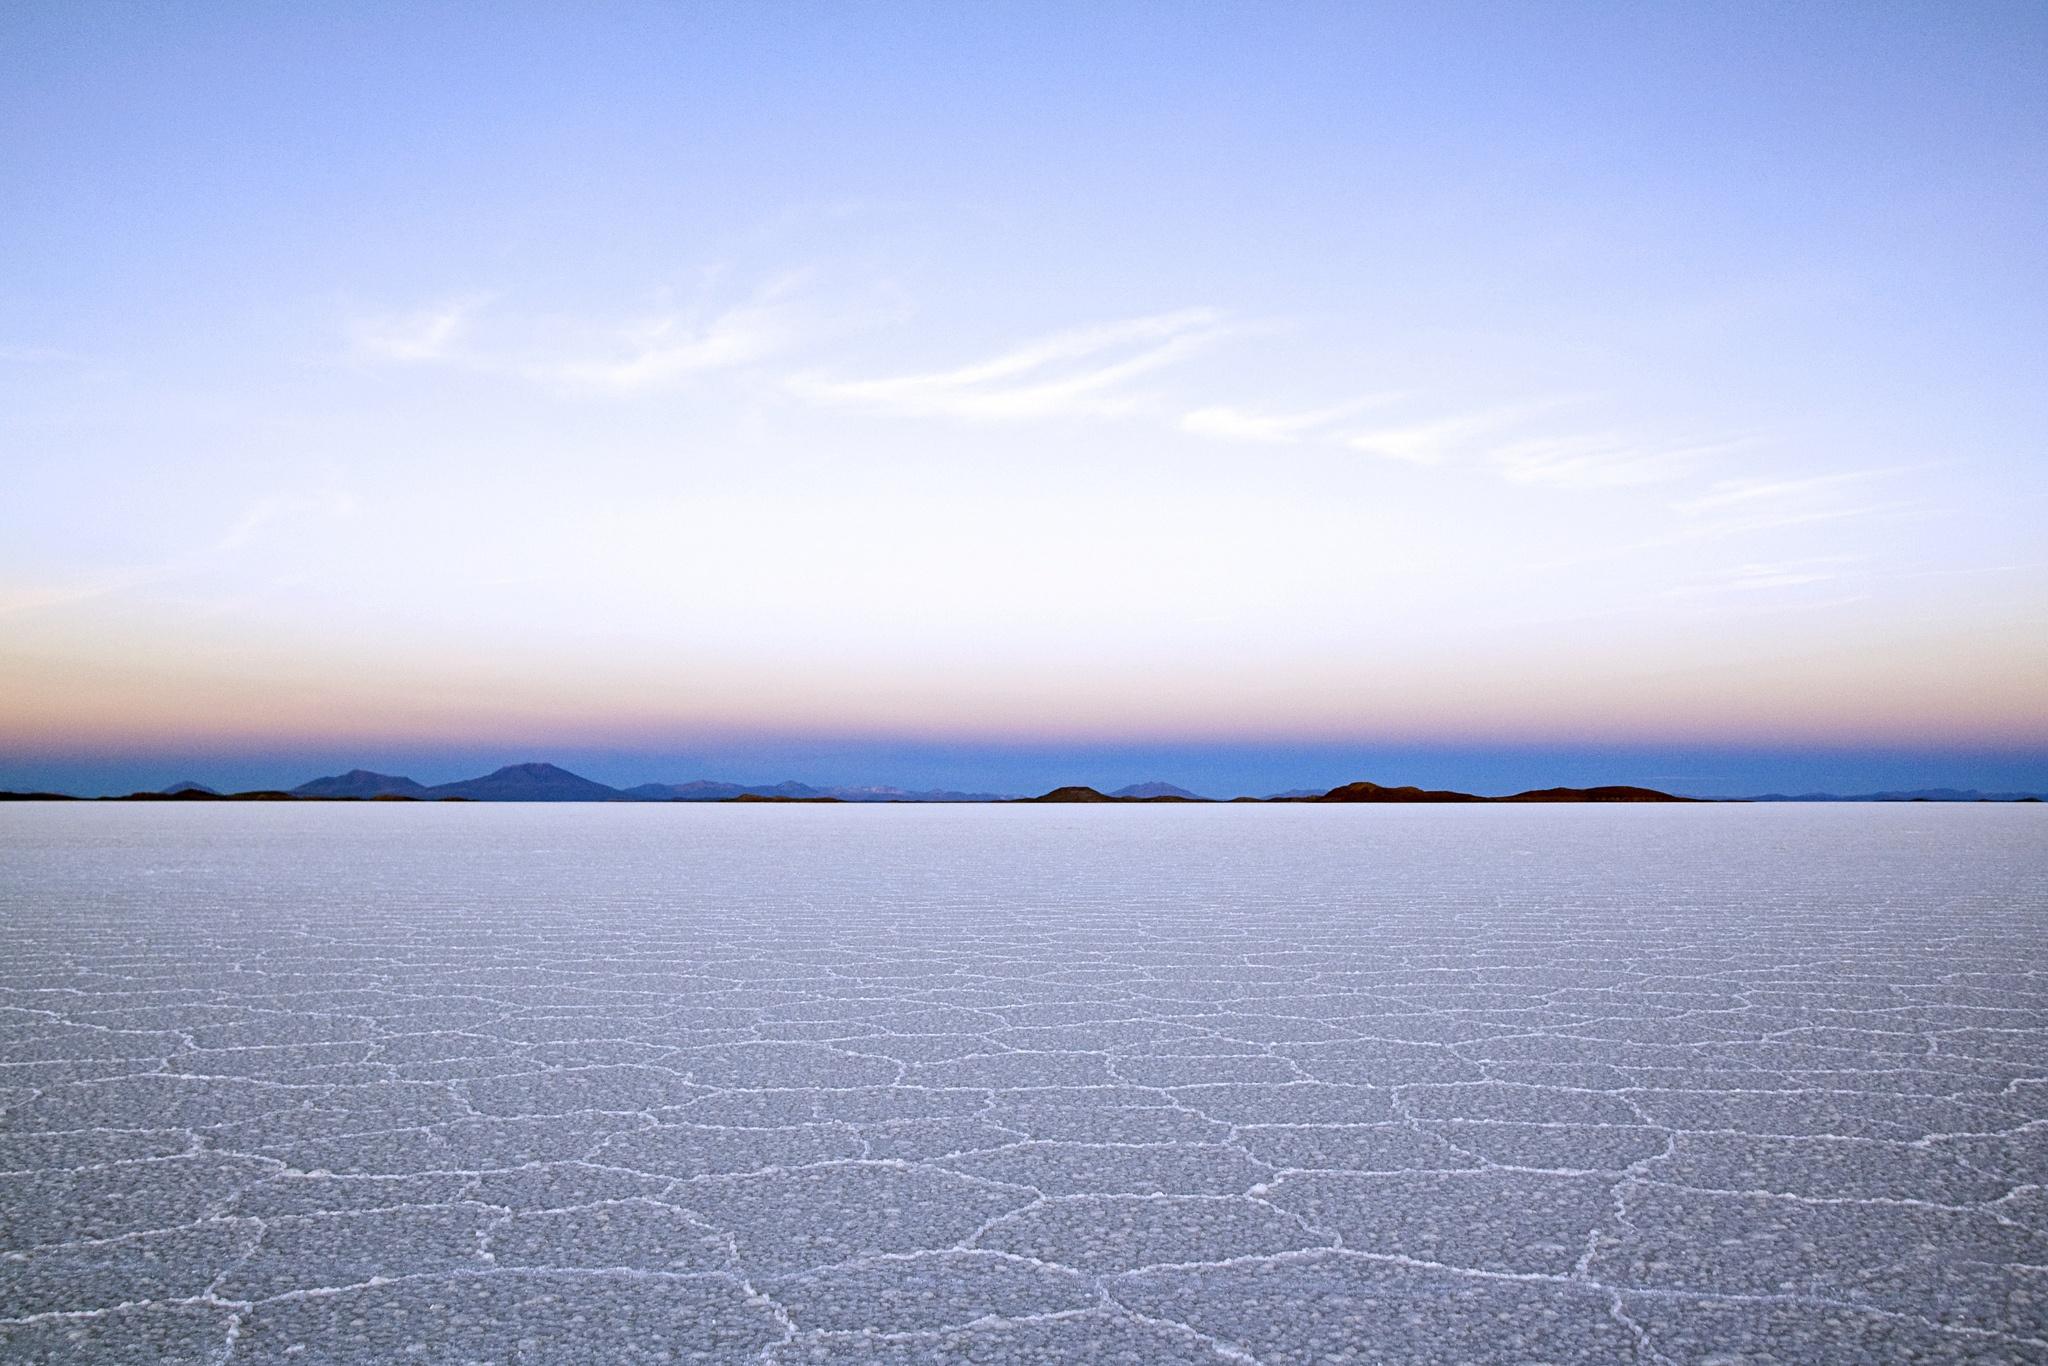 Không phải sản phẩm photoshop, đây là những vùng đất kỳ lạ nhất thế giới - 10